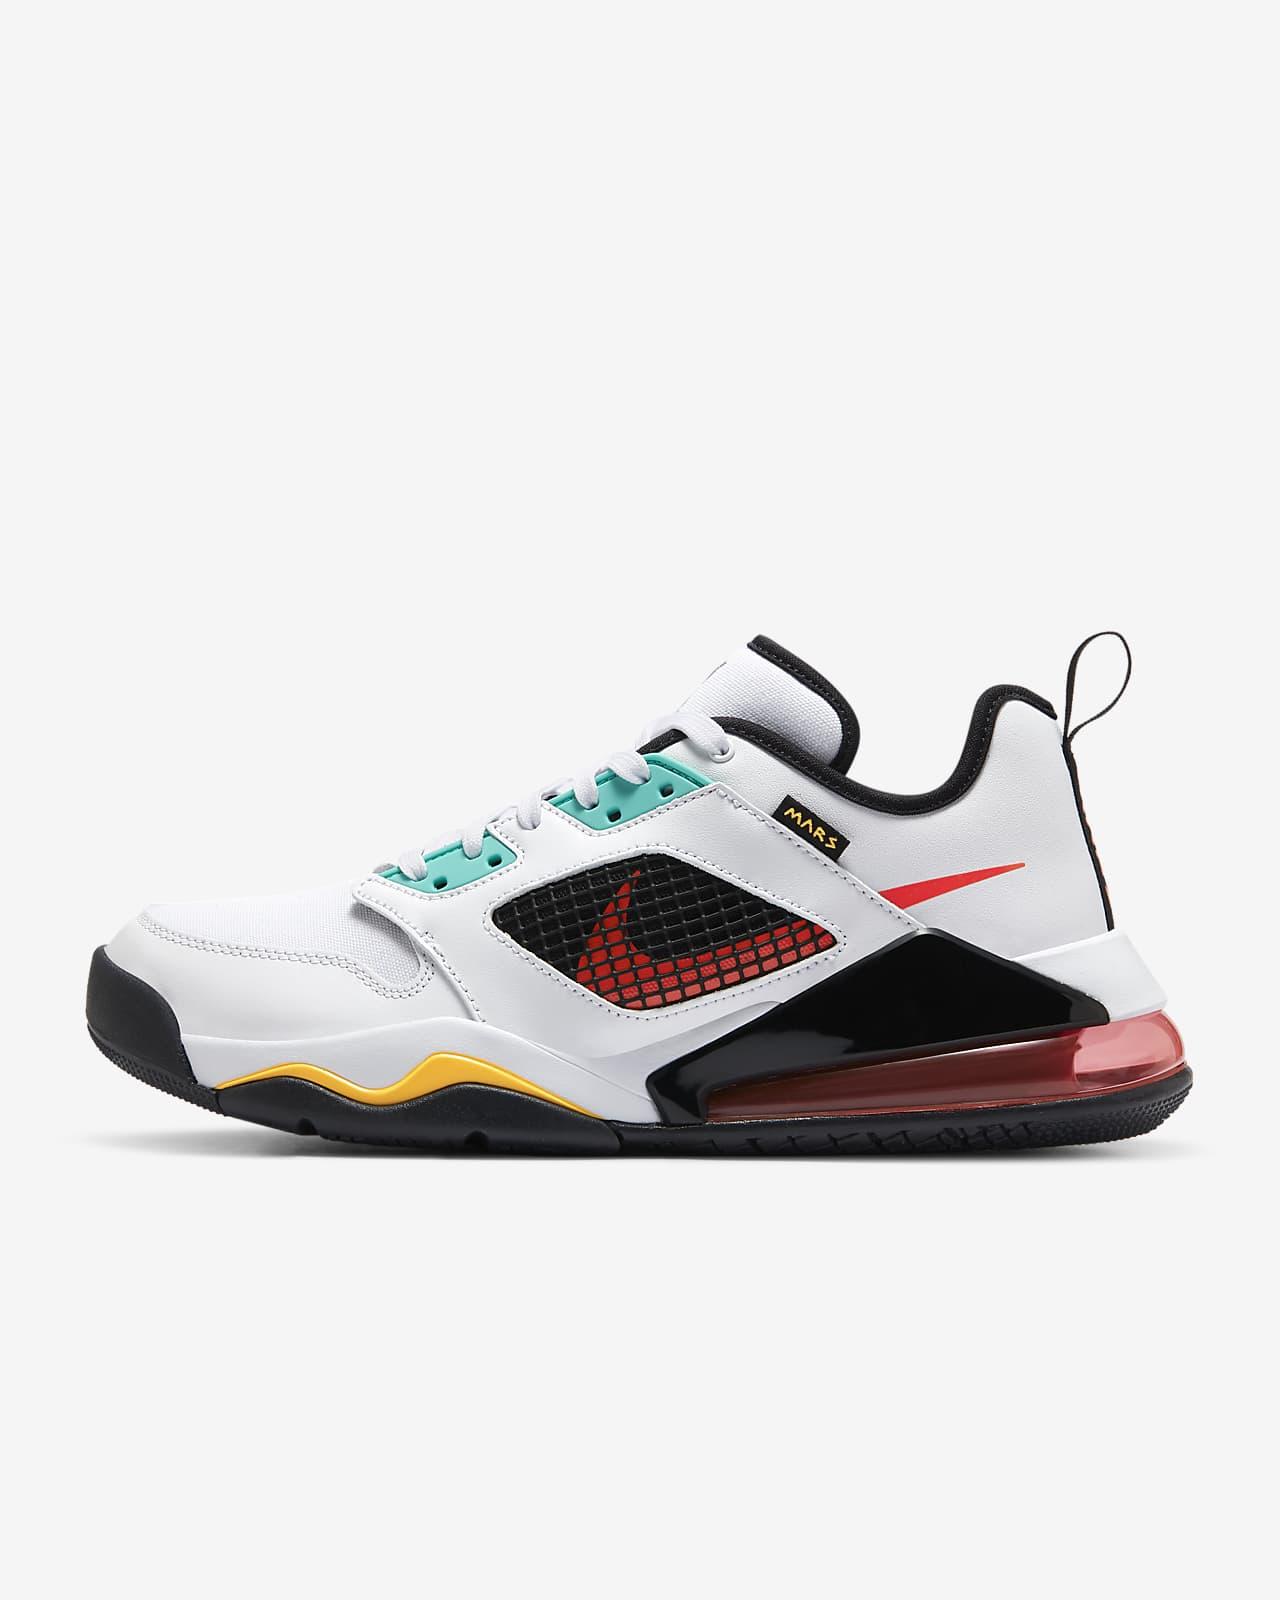 Jordan Mars 270 Low 男子运动鞋